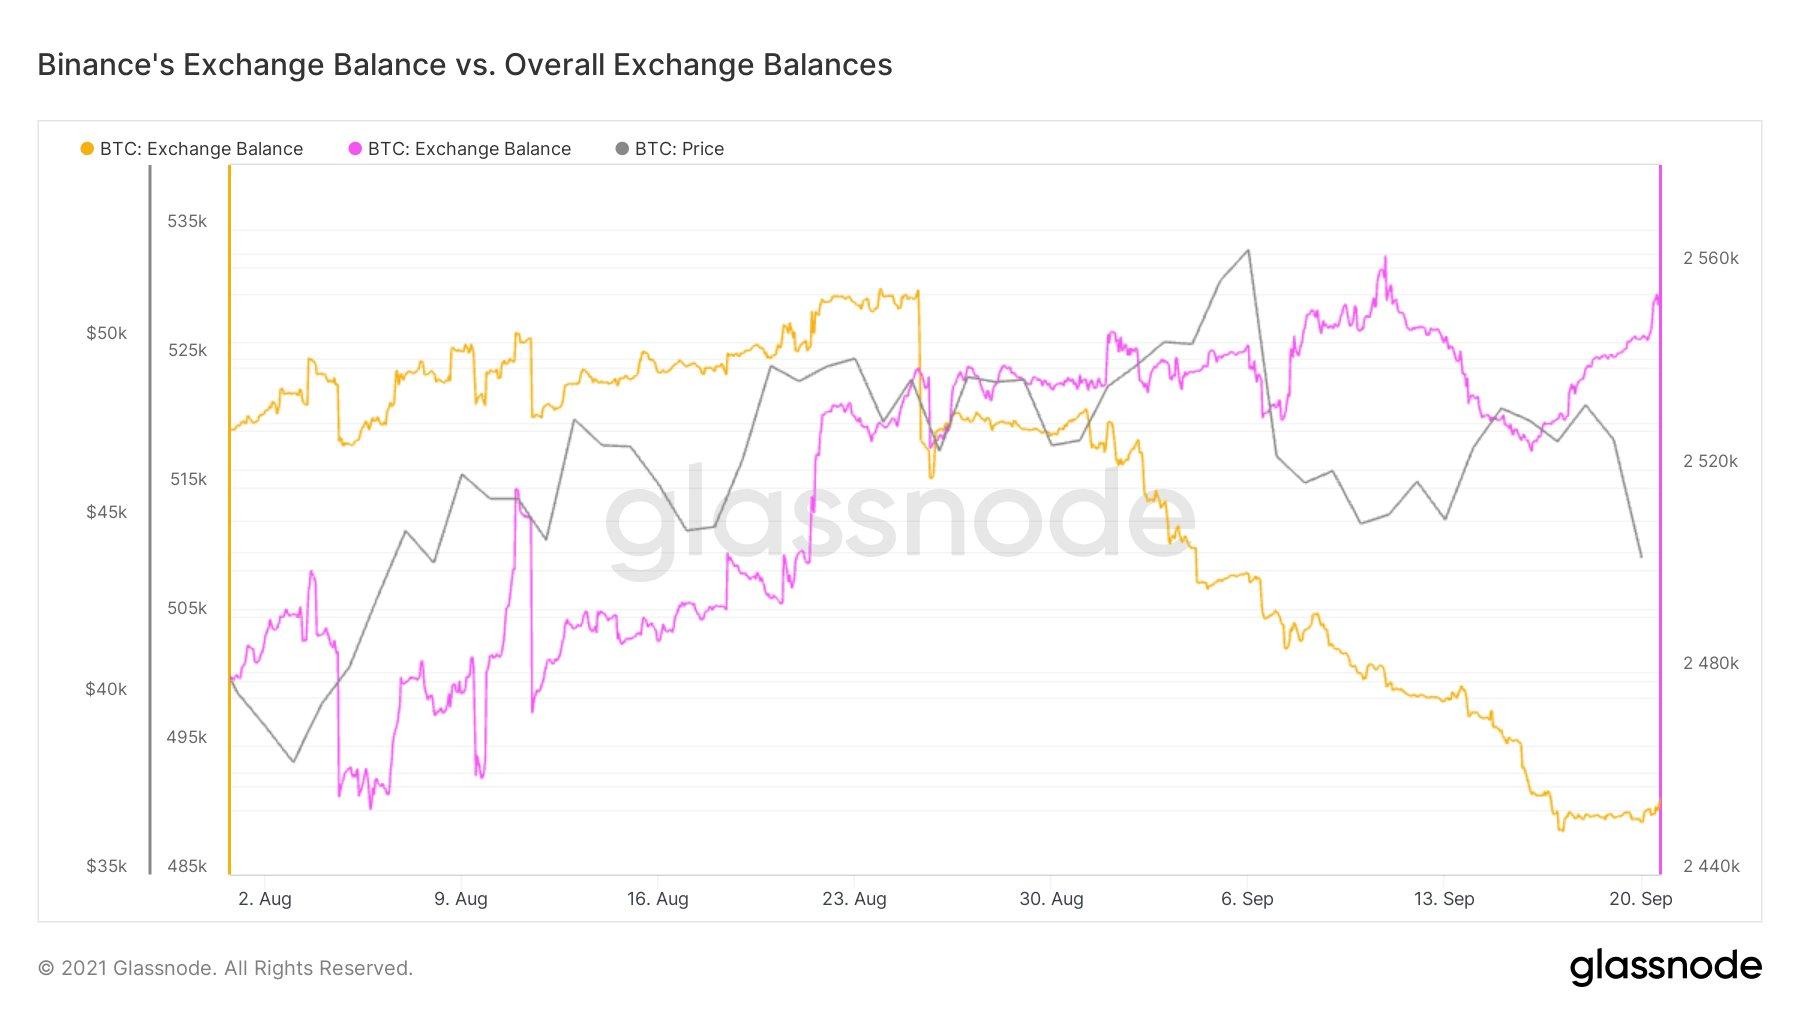 Grafico comparativo delle riserve di Bitcoin sugli exchange